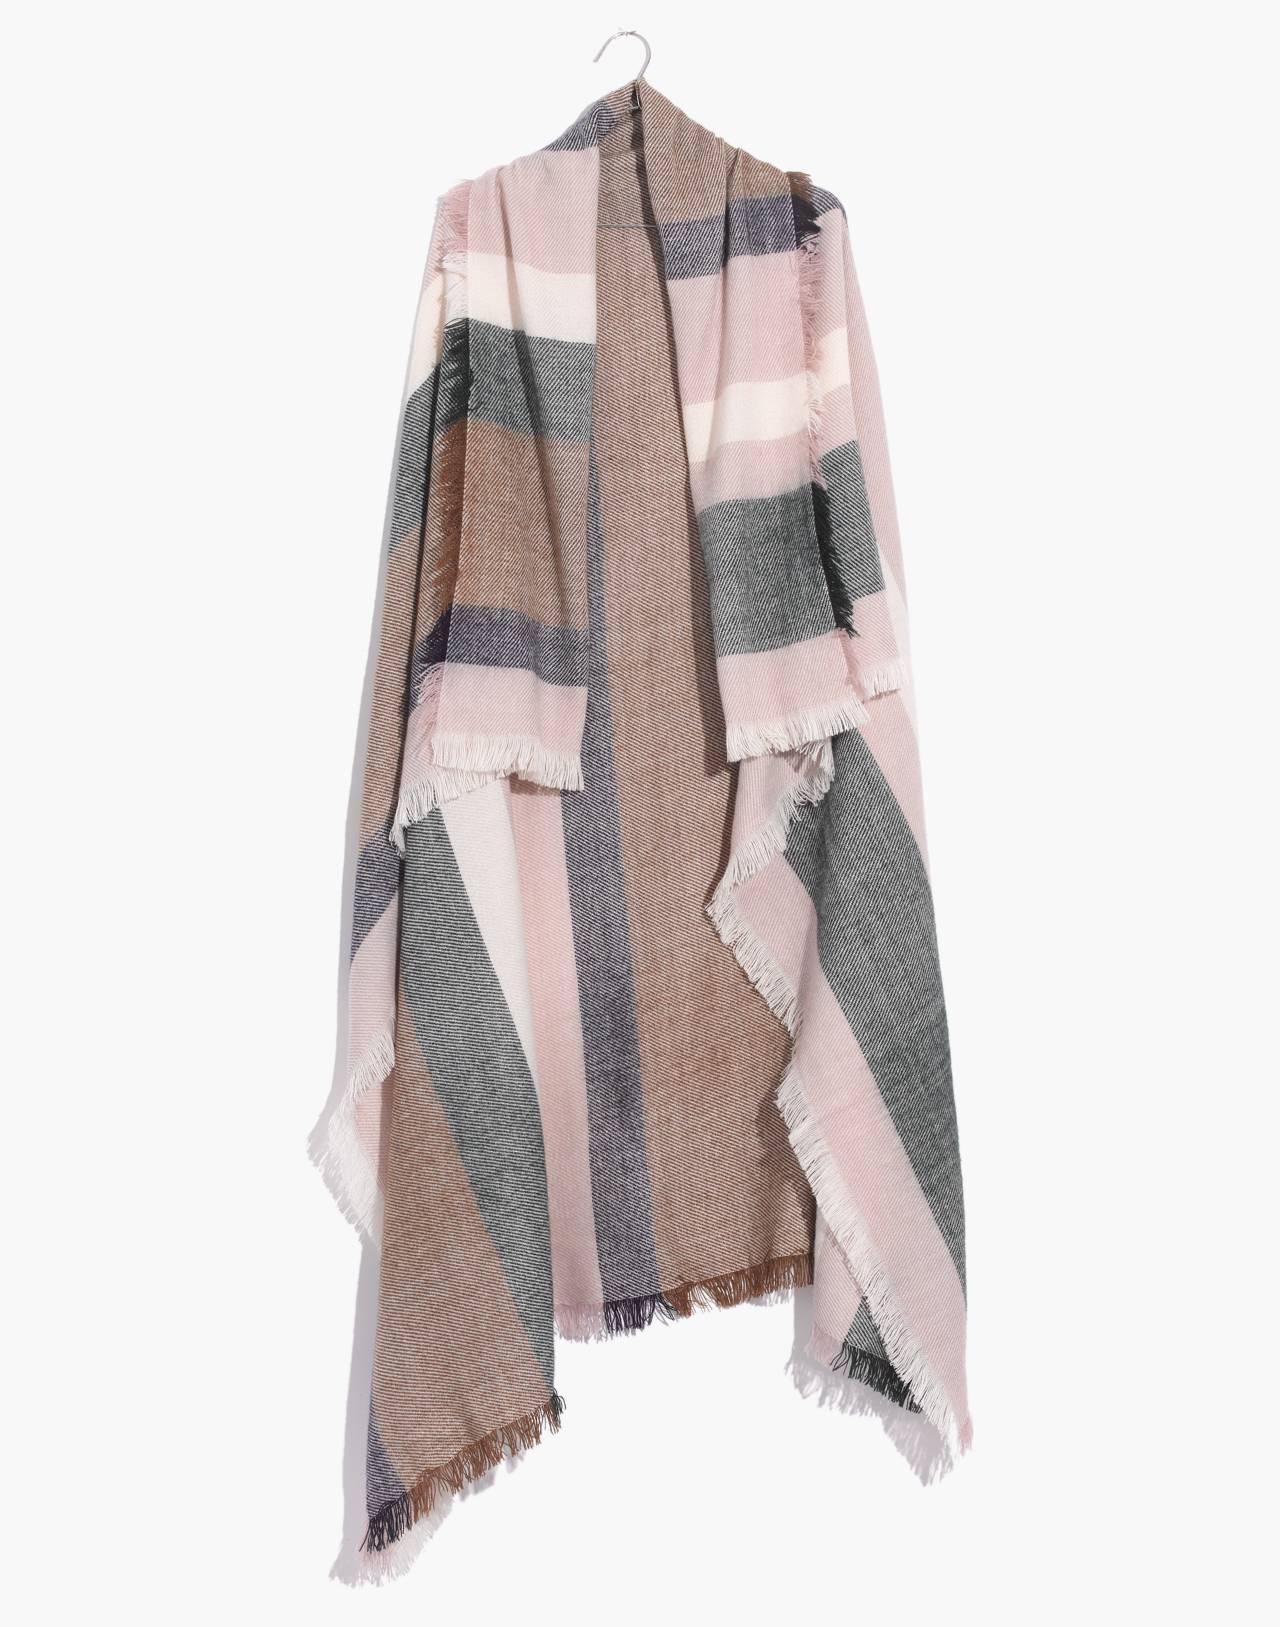 Band Stripe Blanket Scarf in wisteria dove multi image 1